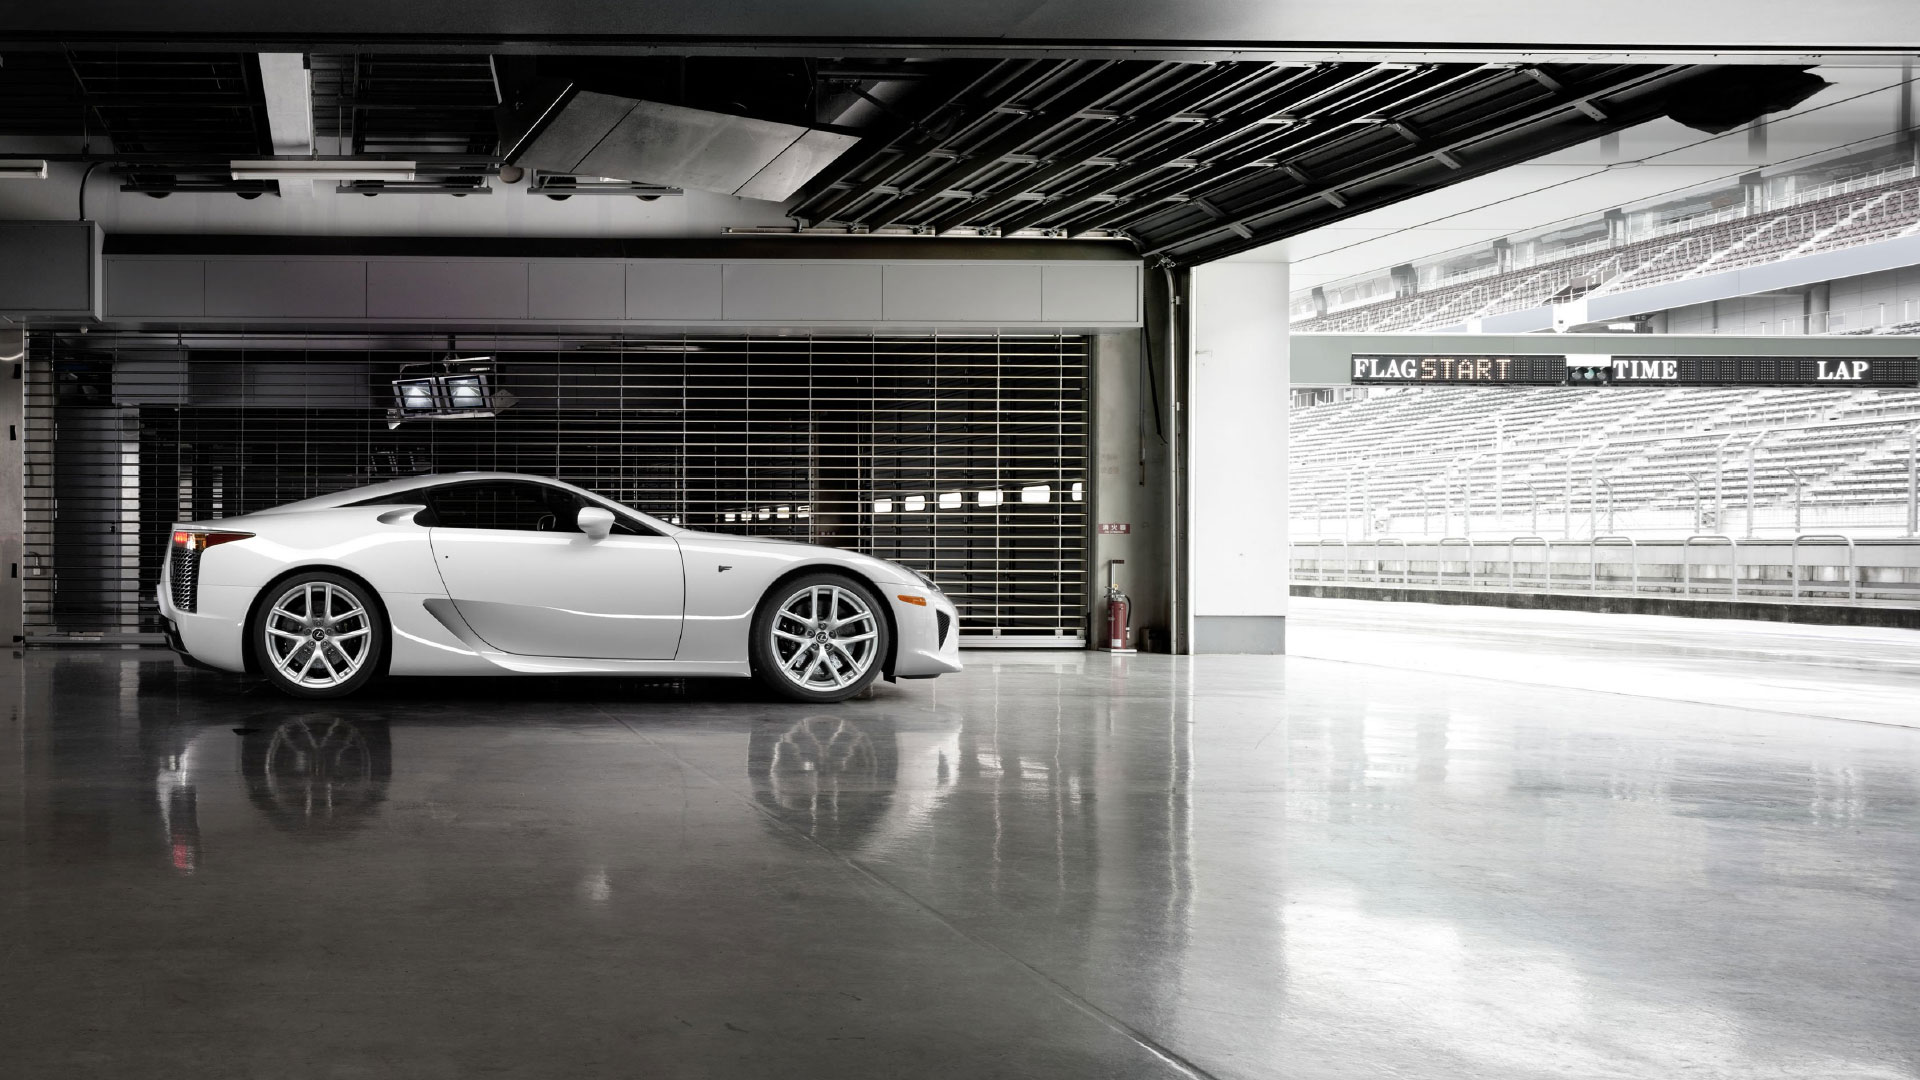 Lexus ikoniske superbilen LFA sett fra siden Her i hvit parkert i garasjen ved kjørebanen